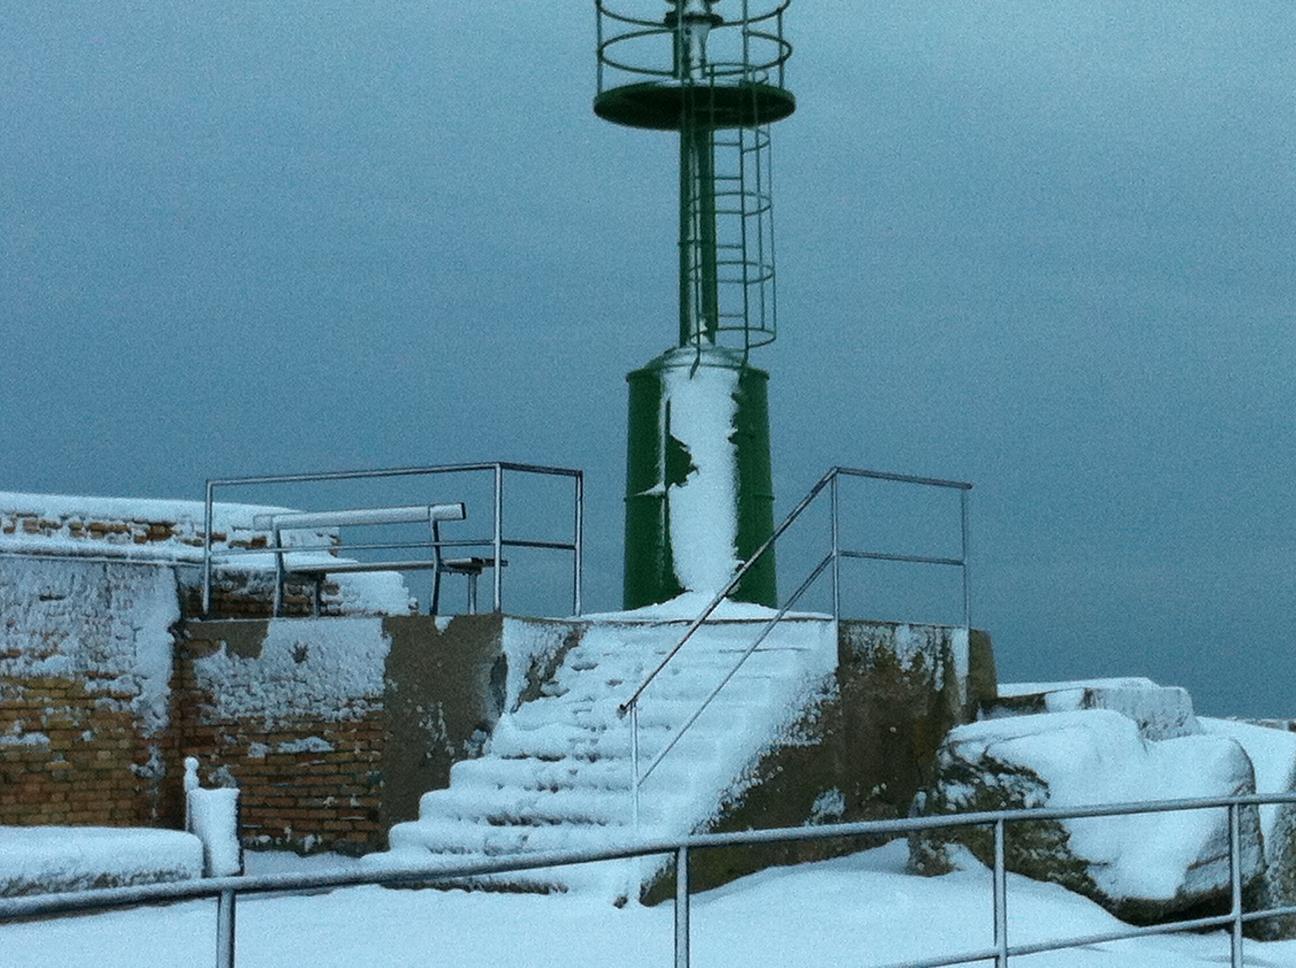 Neve a San Benedetto, 3 febbraio 2012 foto di Mariano Vannicola 1